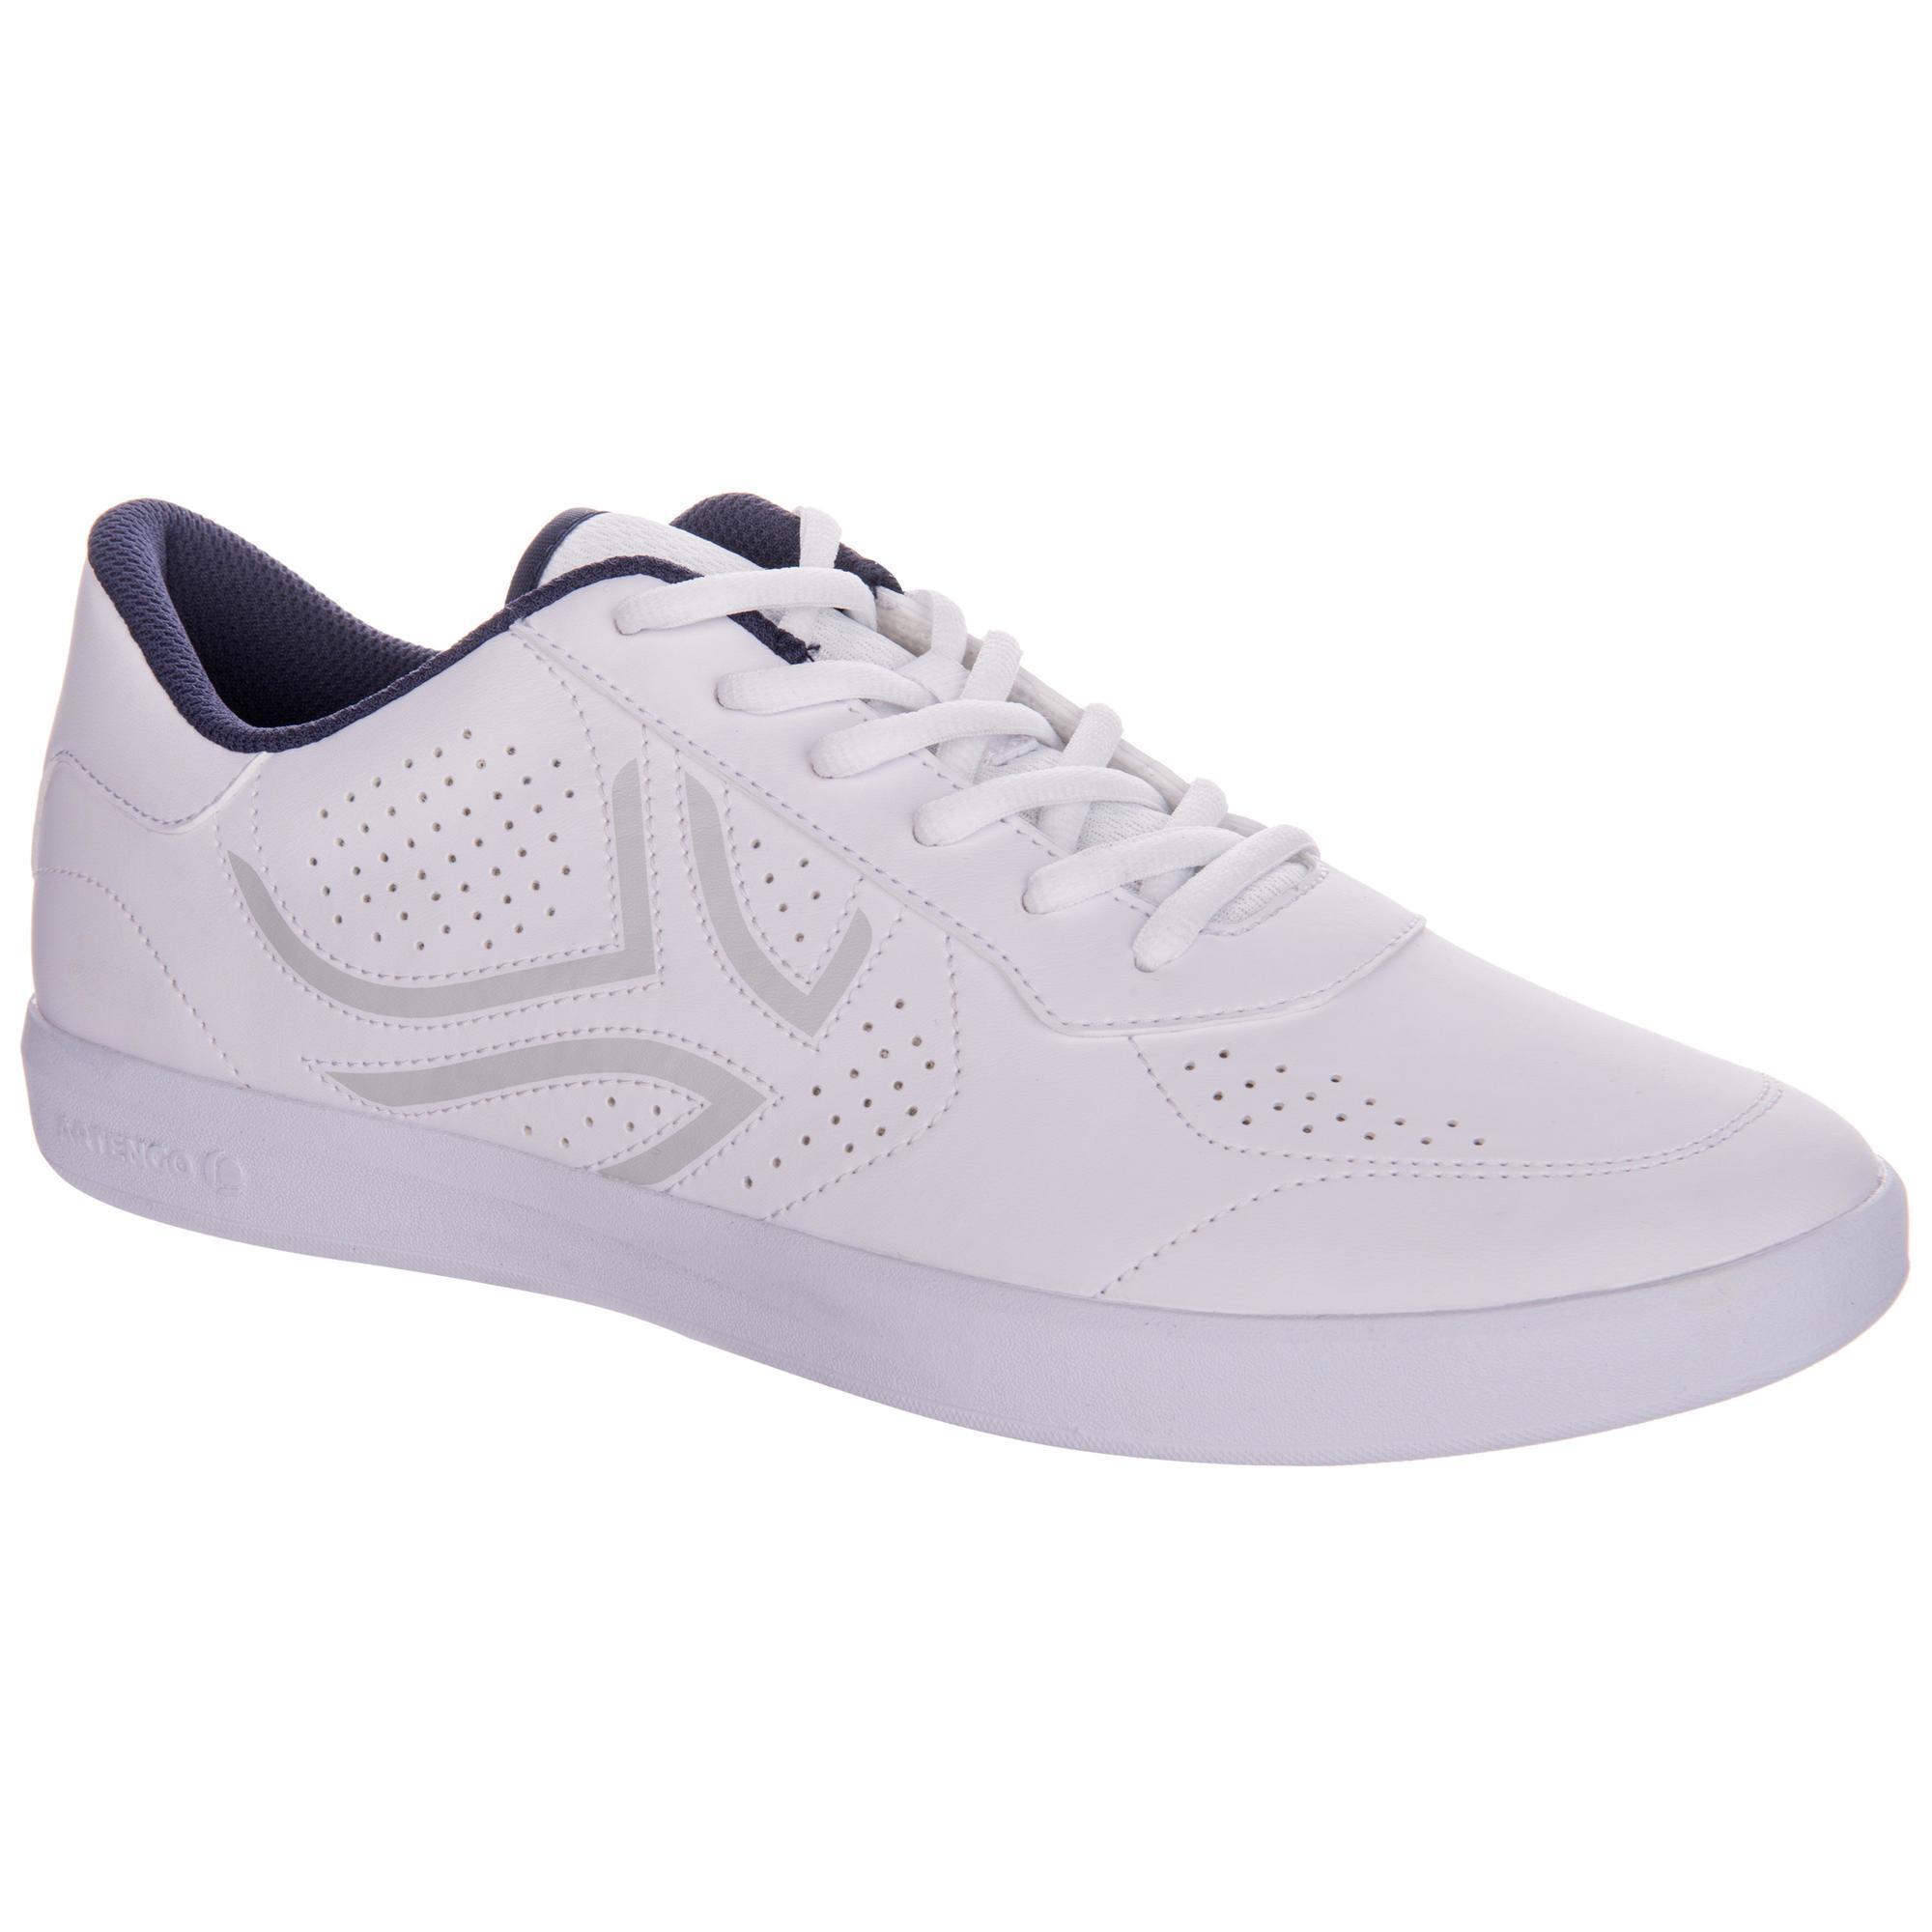 Artengo Tennisschoenen voor heren TS100 wit multicourt